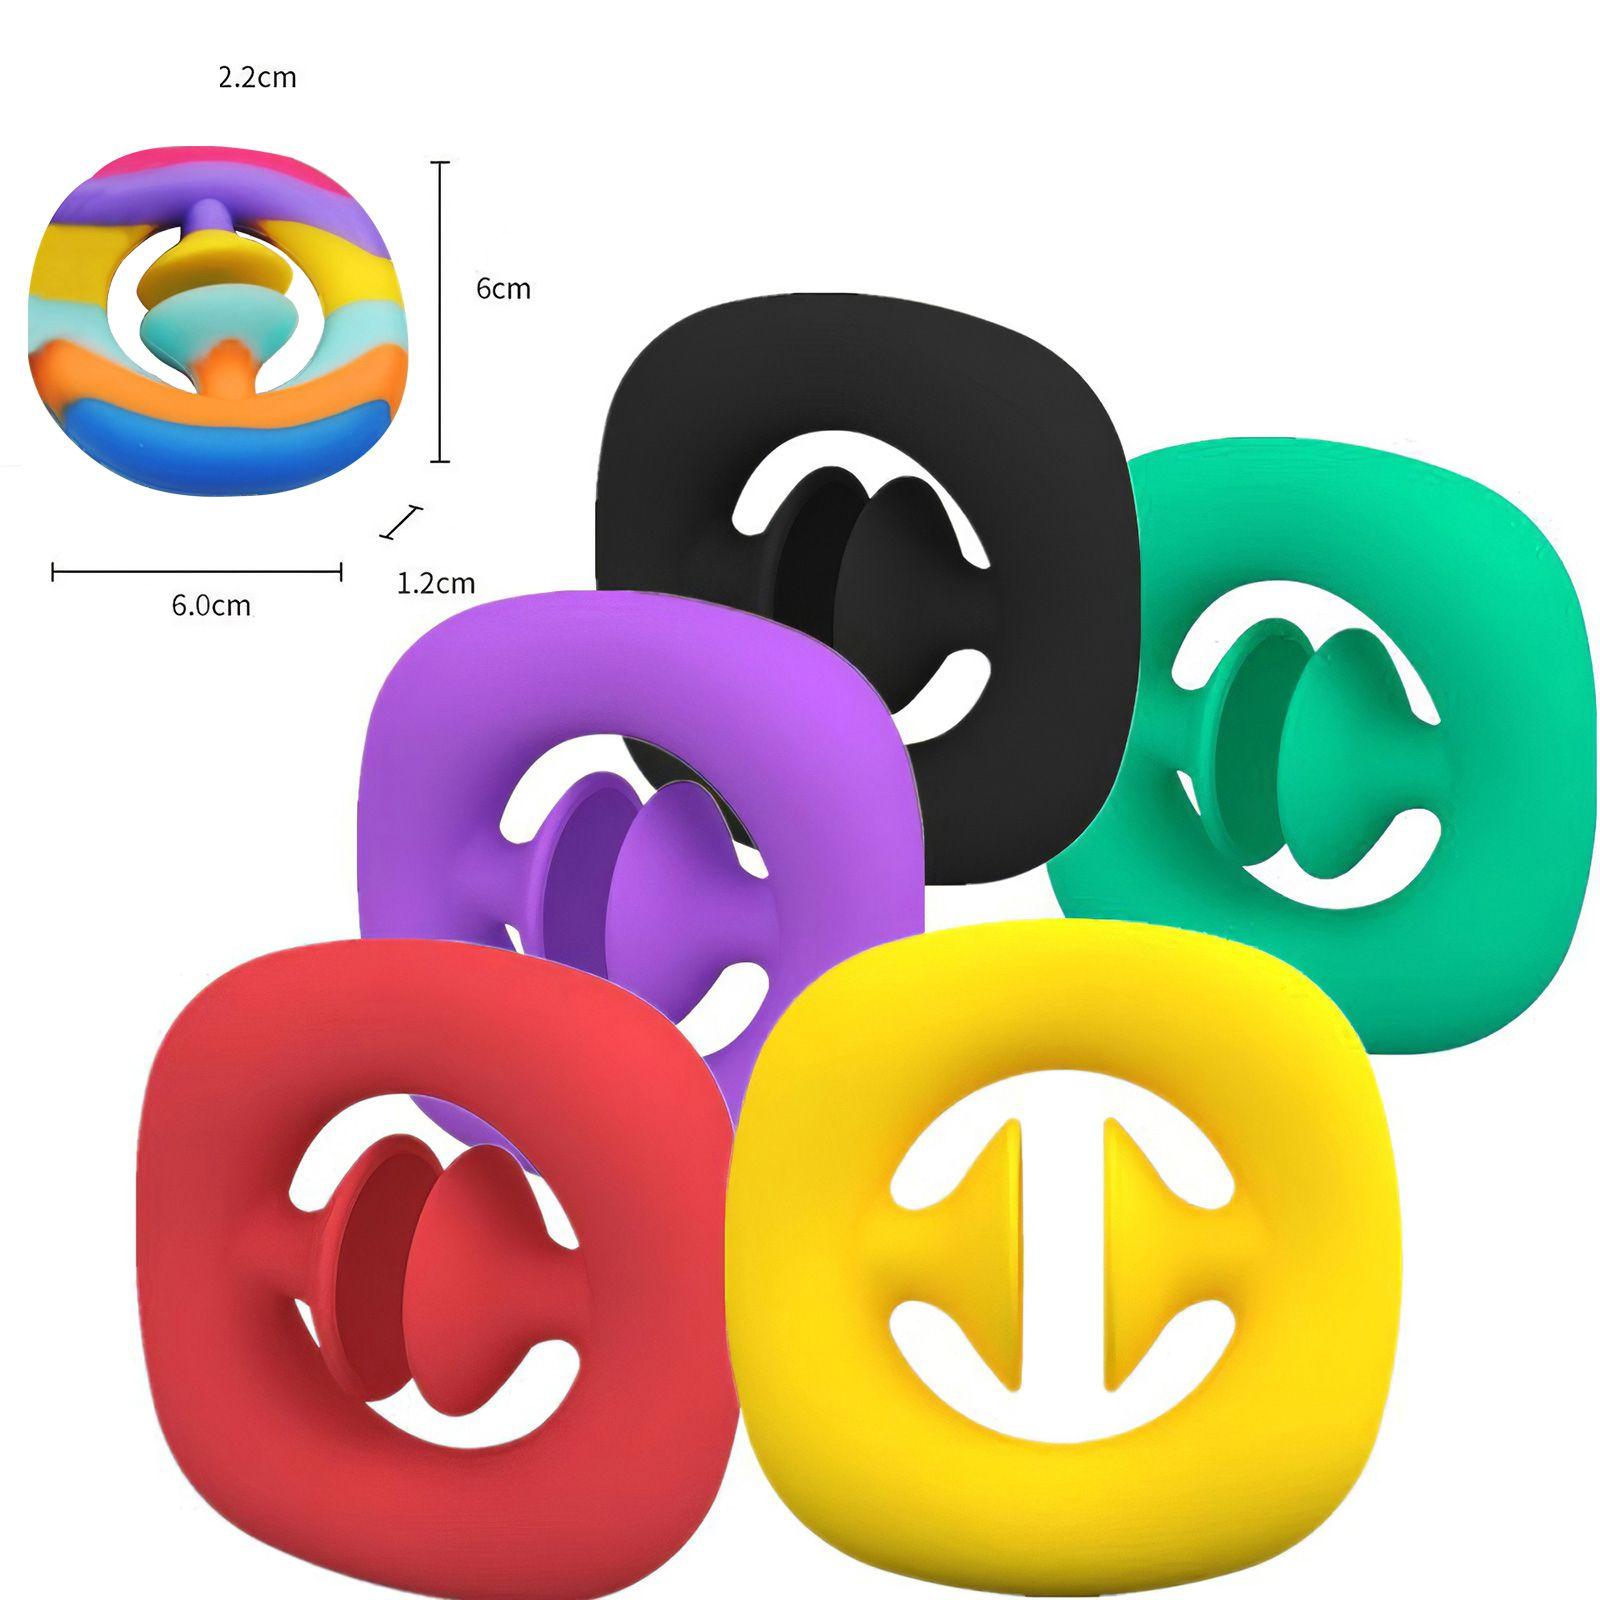 Stock Agarrar Snap Squeeze Toy Fidget Snappers Fuerza de mano Grip Squeey Snap Fidget Toys Toys Sensory Herramienta ADHD Autismo Alivio del estrés